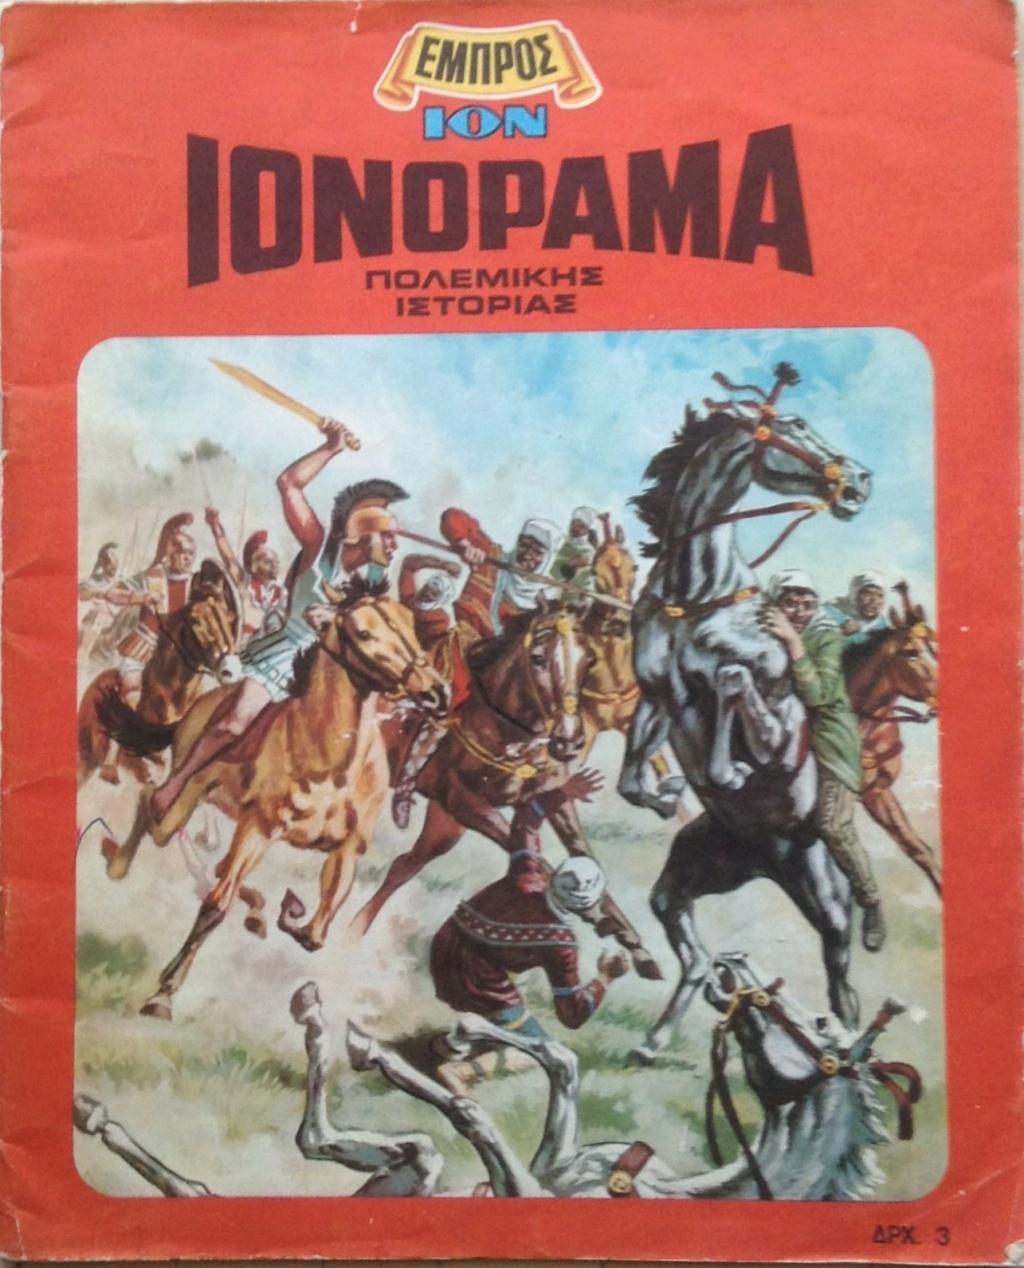 Ιονόραμα Πολεμικής Ιστορίας ΙΟΝ 15723910